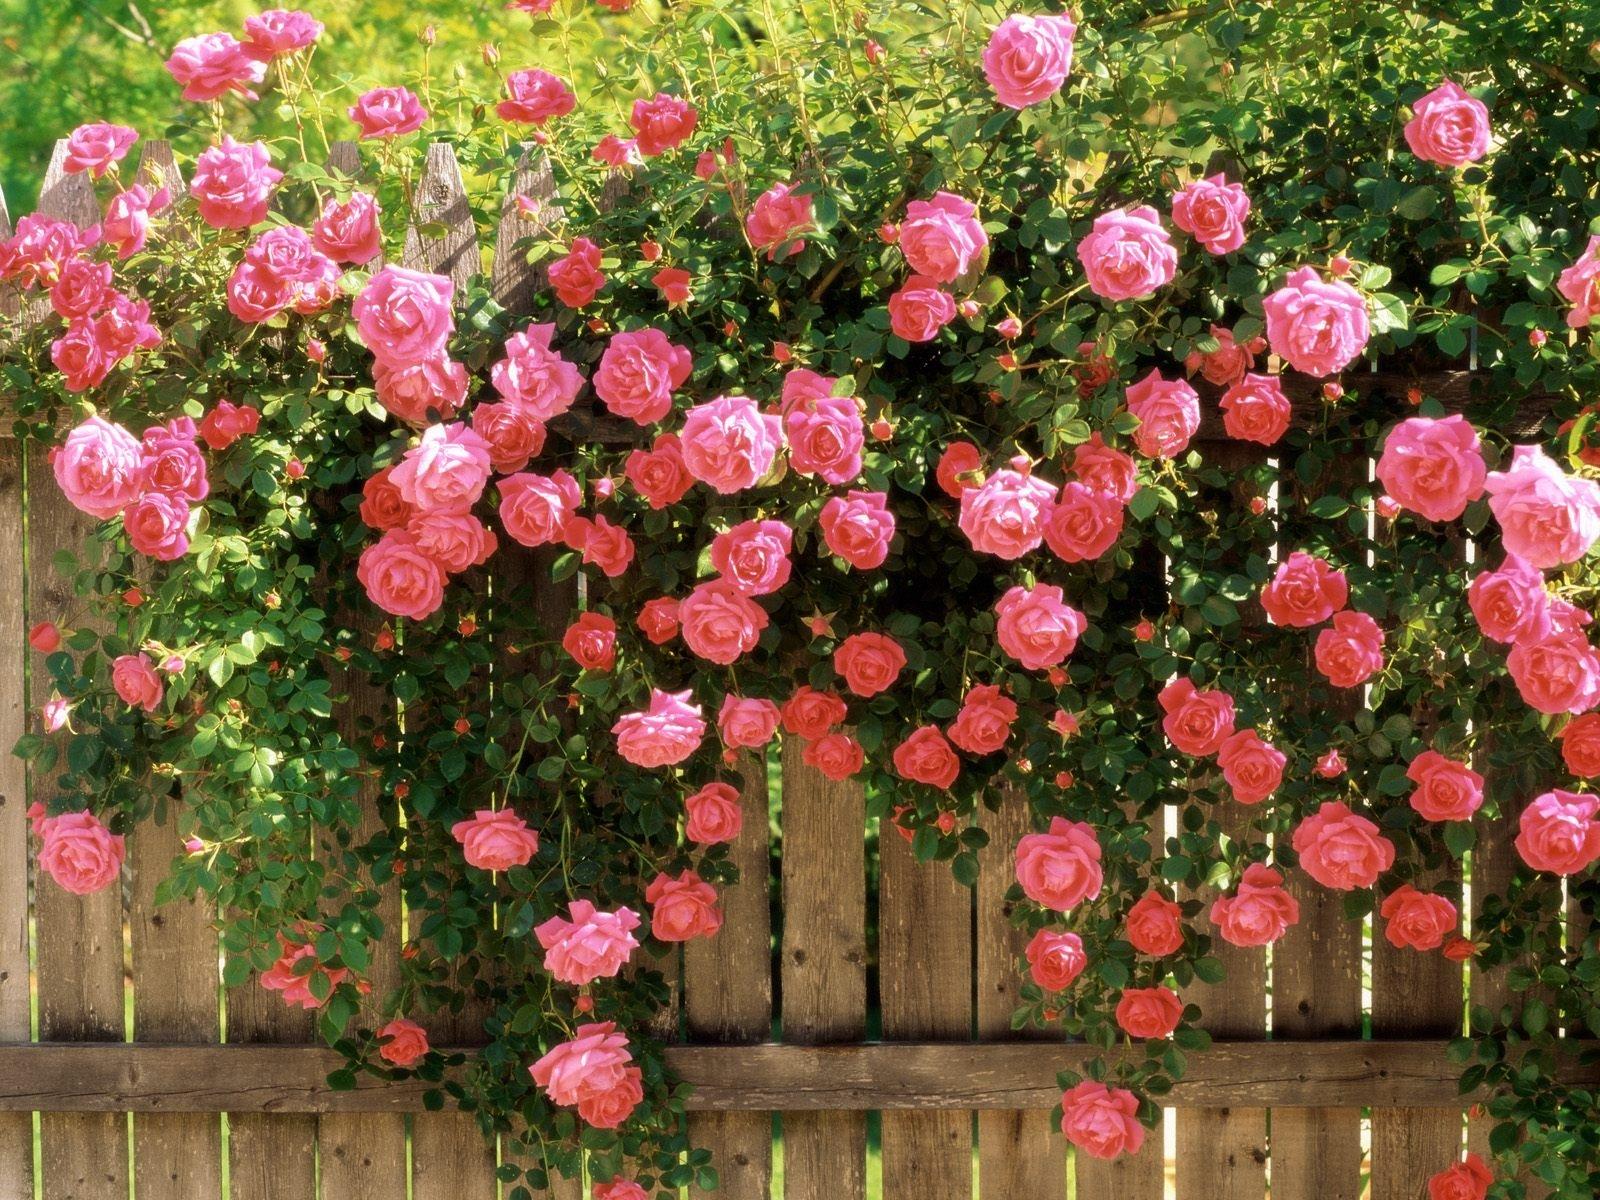 47 Pink Rose Wallpaper For Desktop On Wallpapersafari